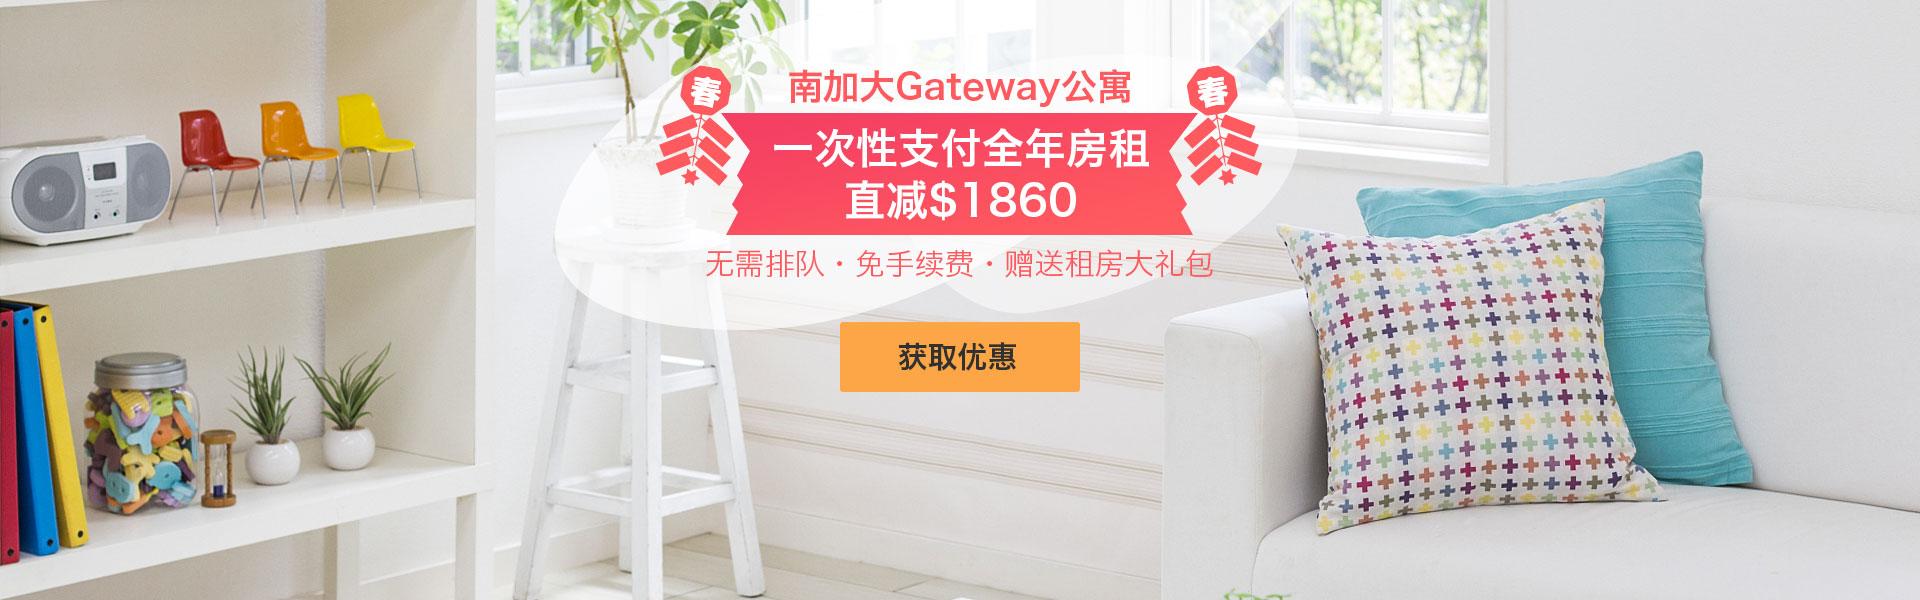 南加大Gateway公寓一次性支付全年房租,直减$1860